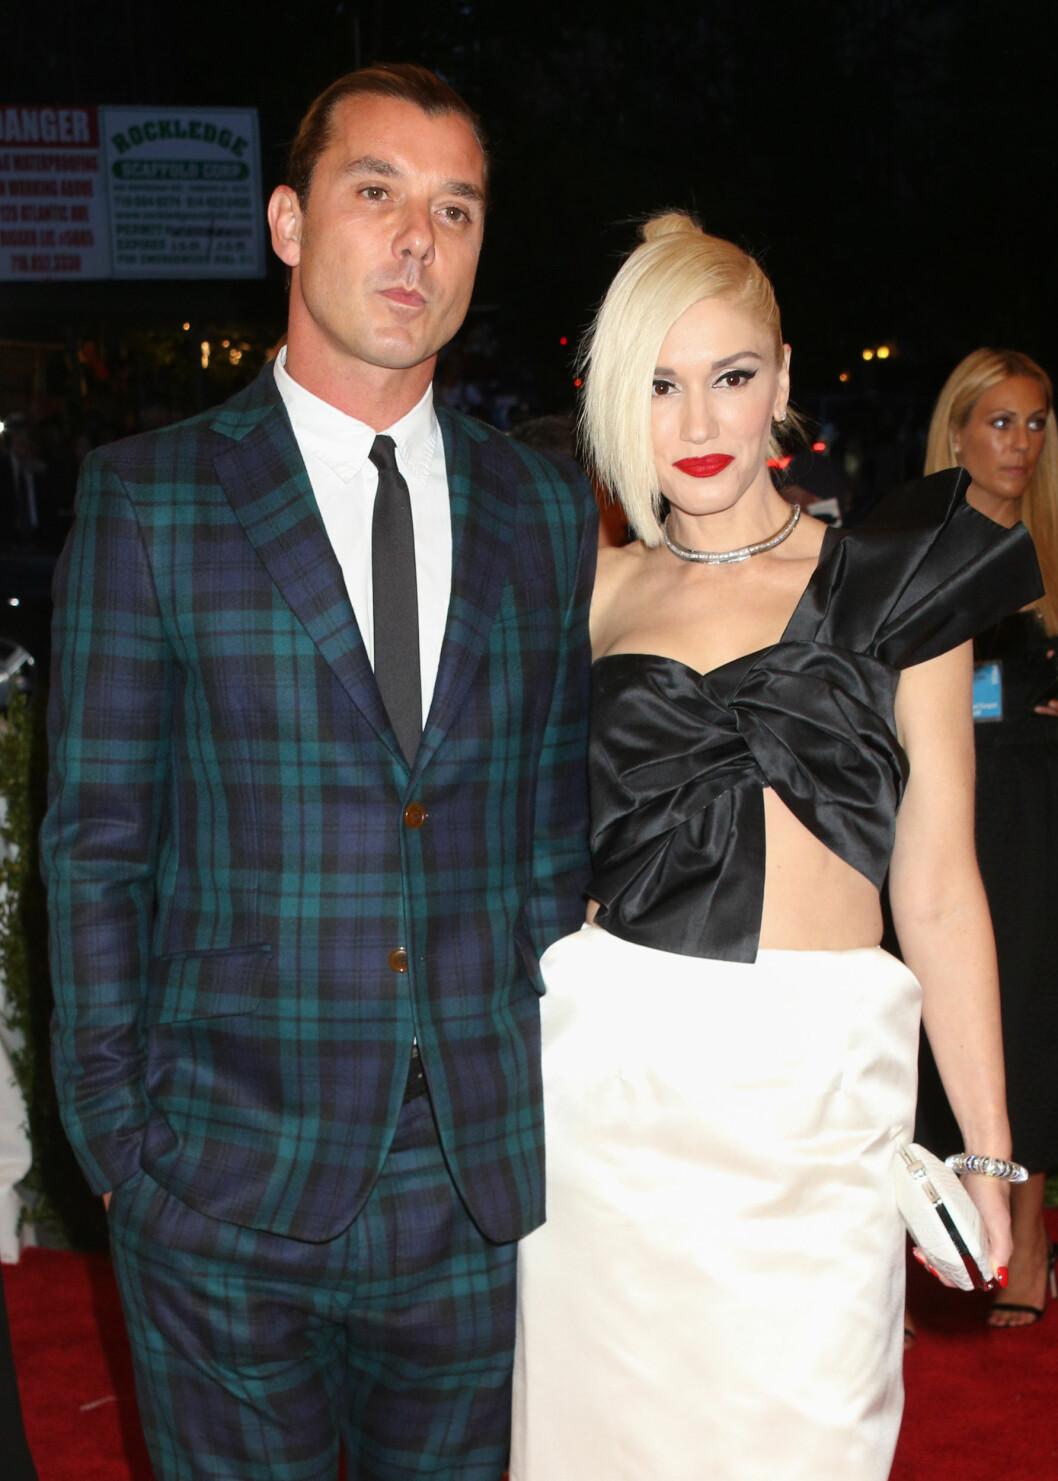 BRUDD: I sommer gikk Gwen Stefani og Gavin Rossdale hvert til sitt.  Foto: Demotix